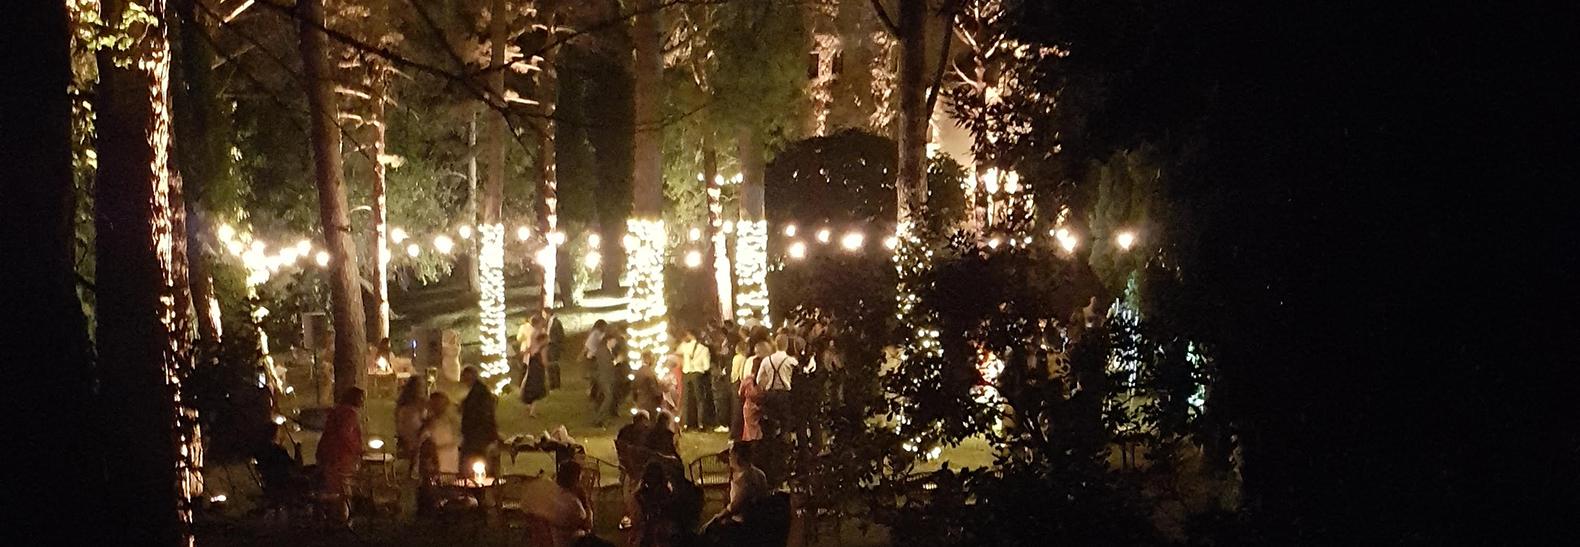 organizzare un matrimonio nel bosco in toscana